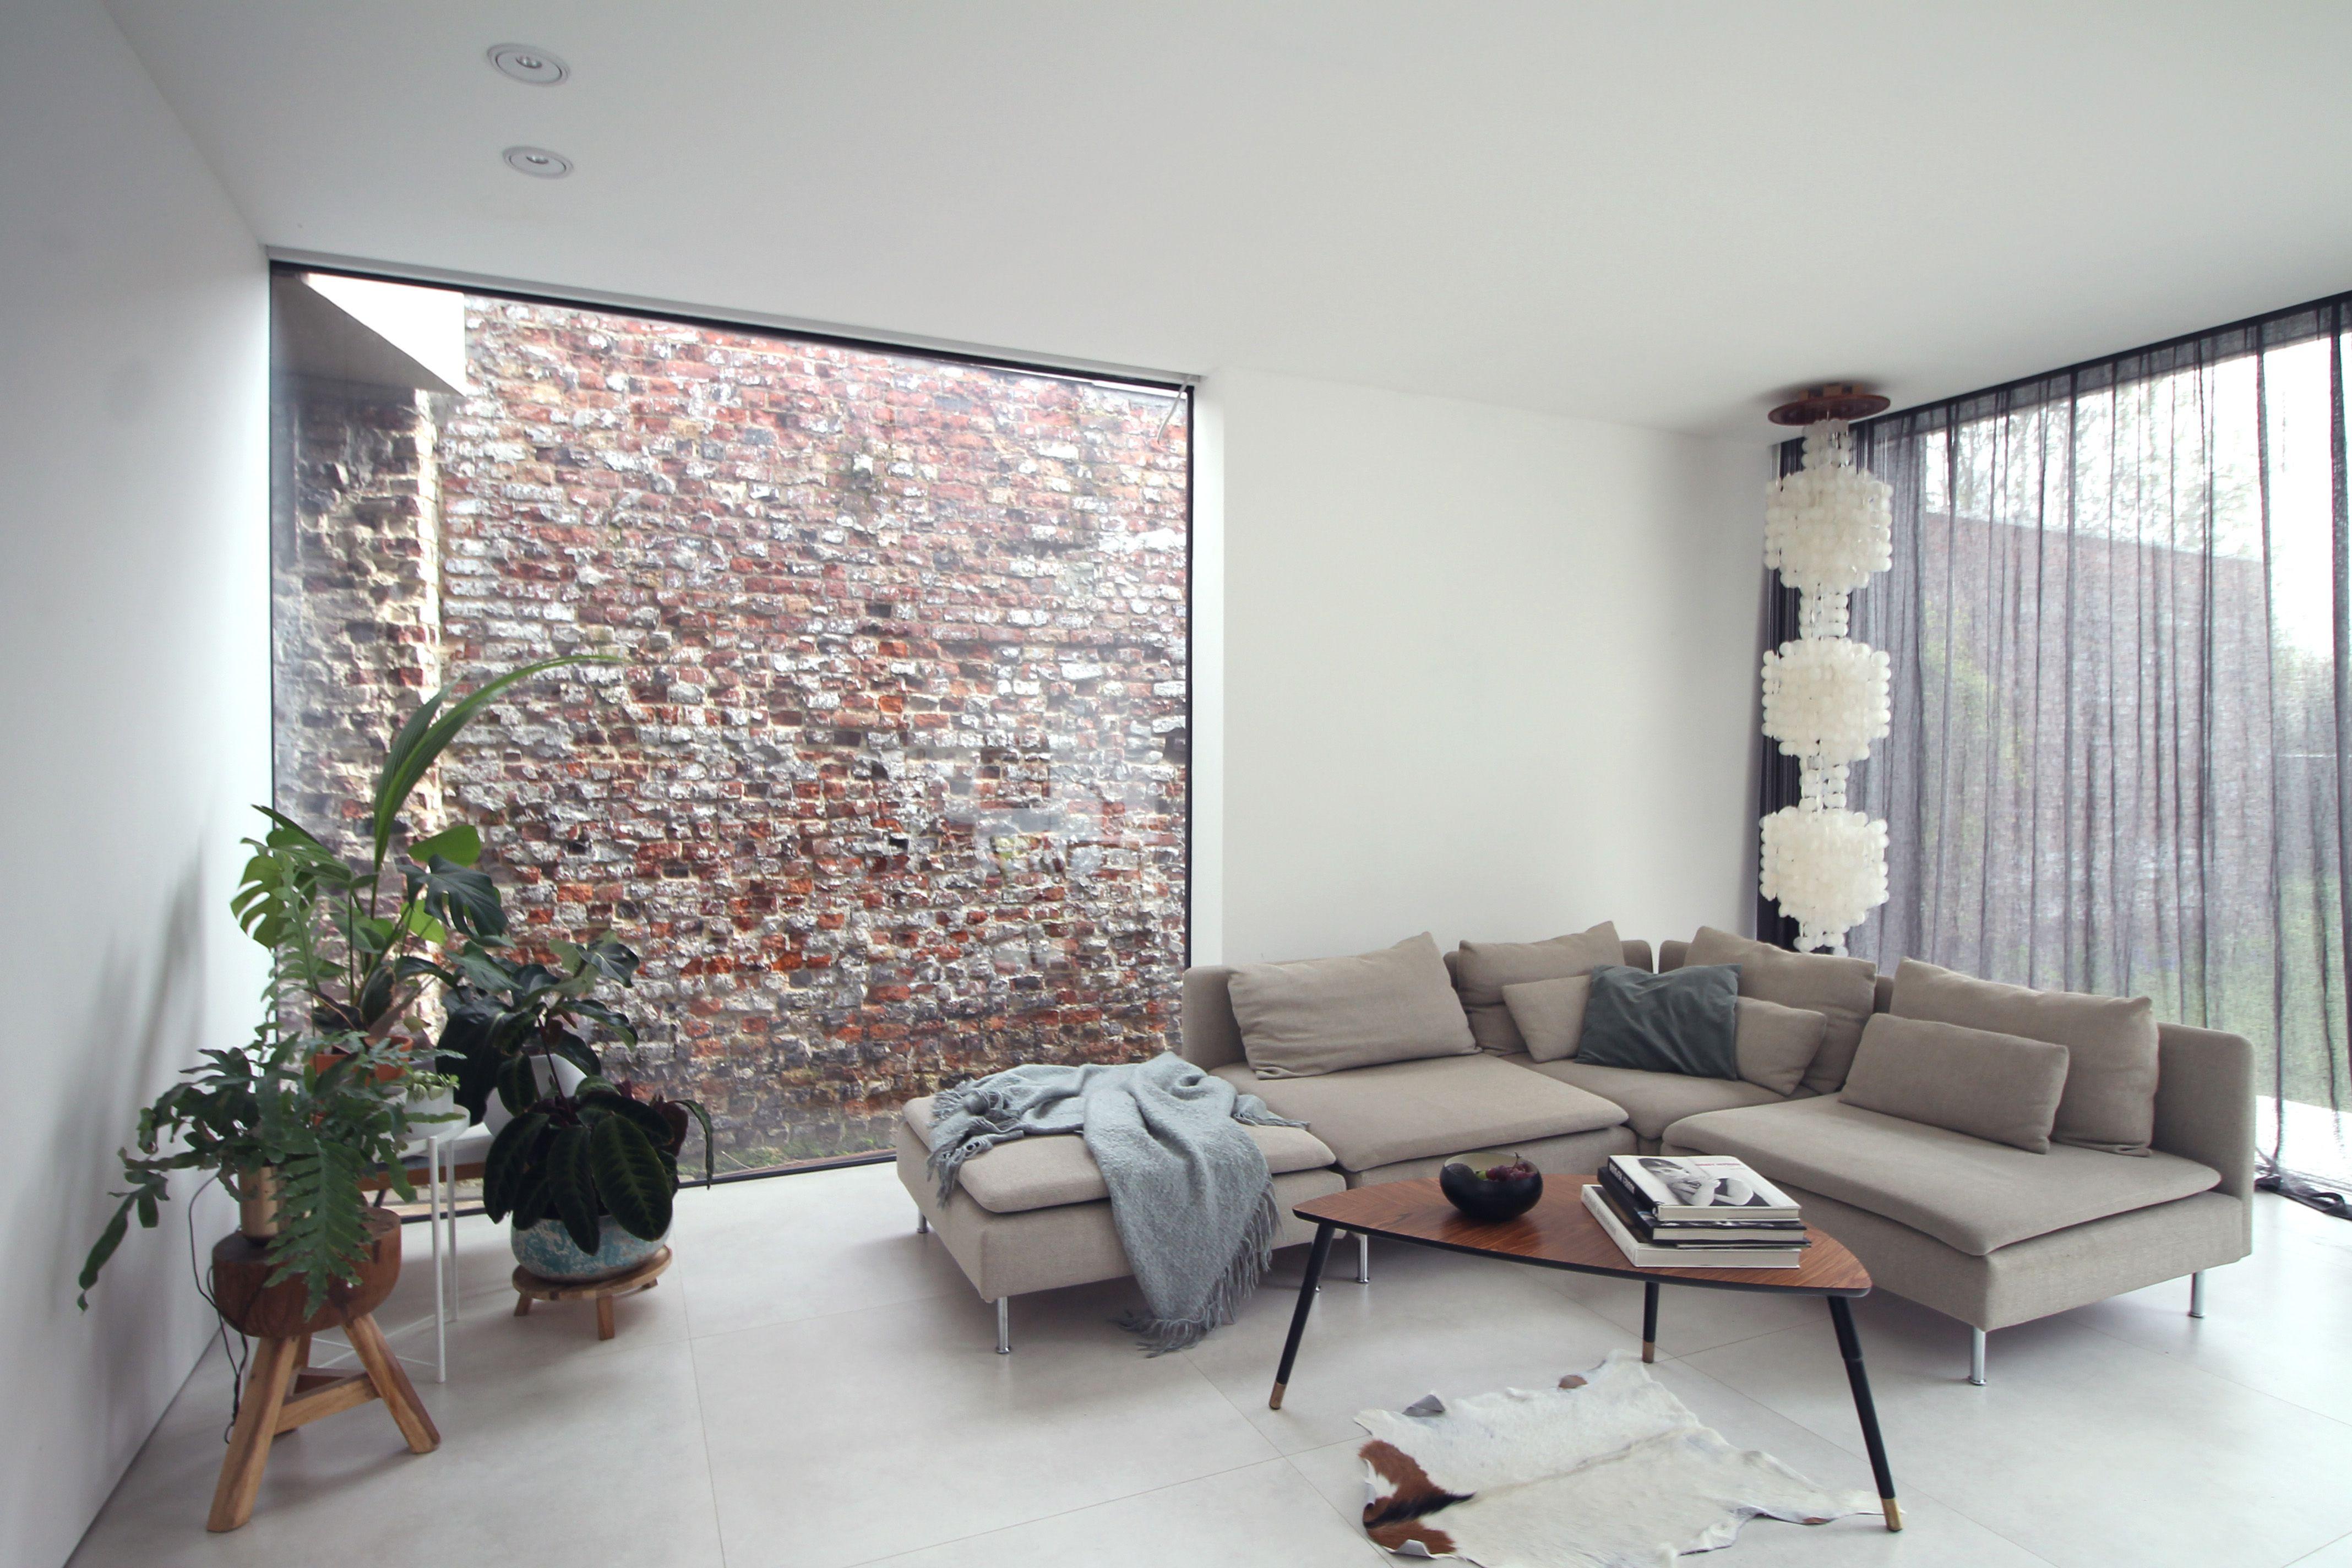 Hamblok Pissens Architecten Verbouwing Van Een Rijwoning In Vilvoorde